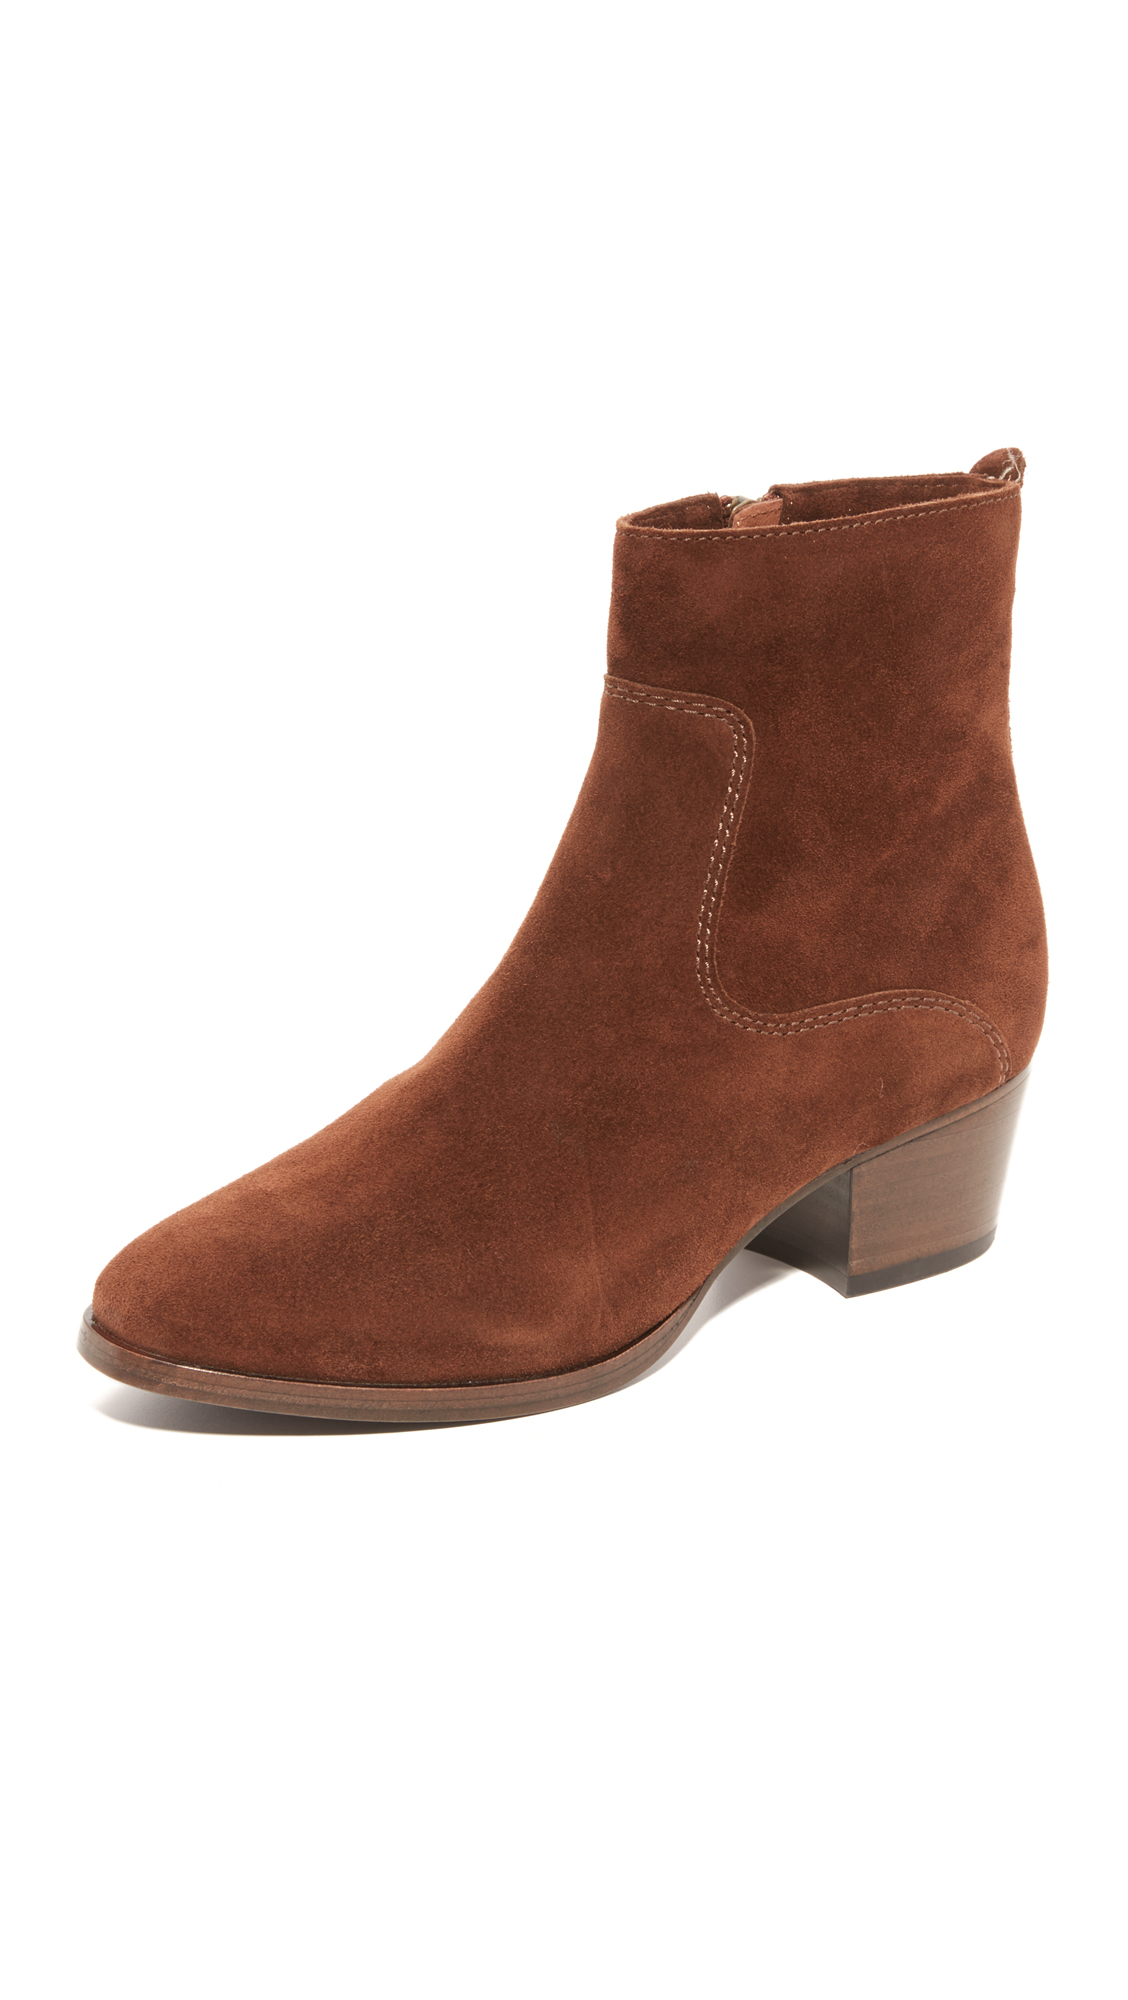 Frye Clara Zip Short Booties - Brown